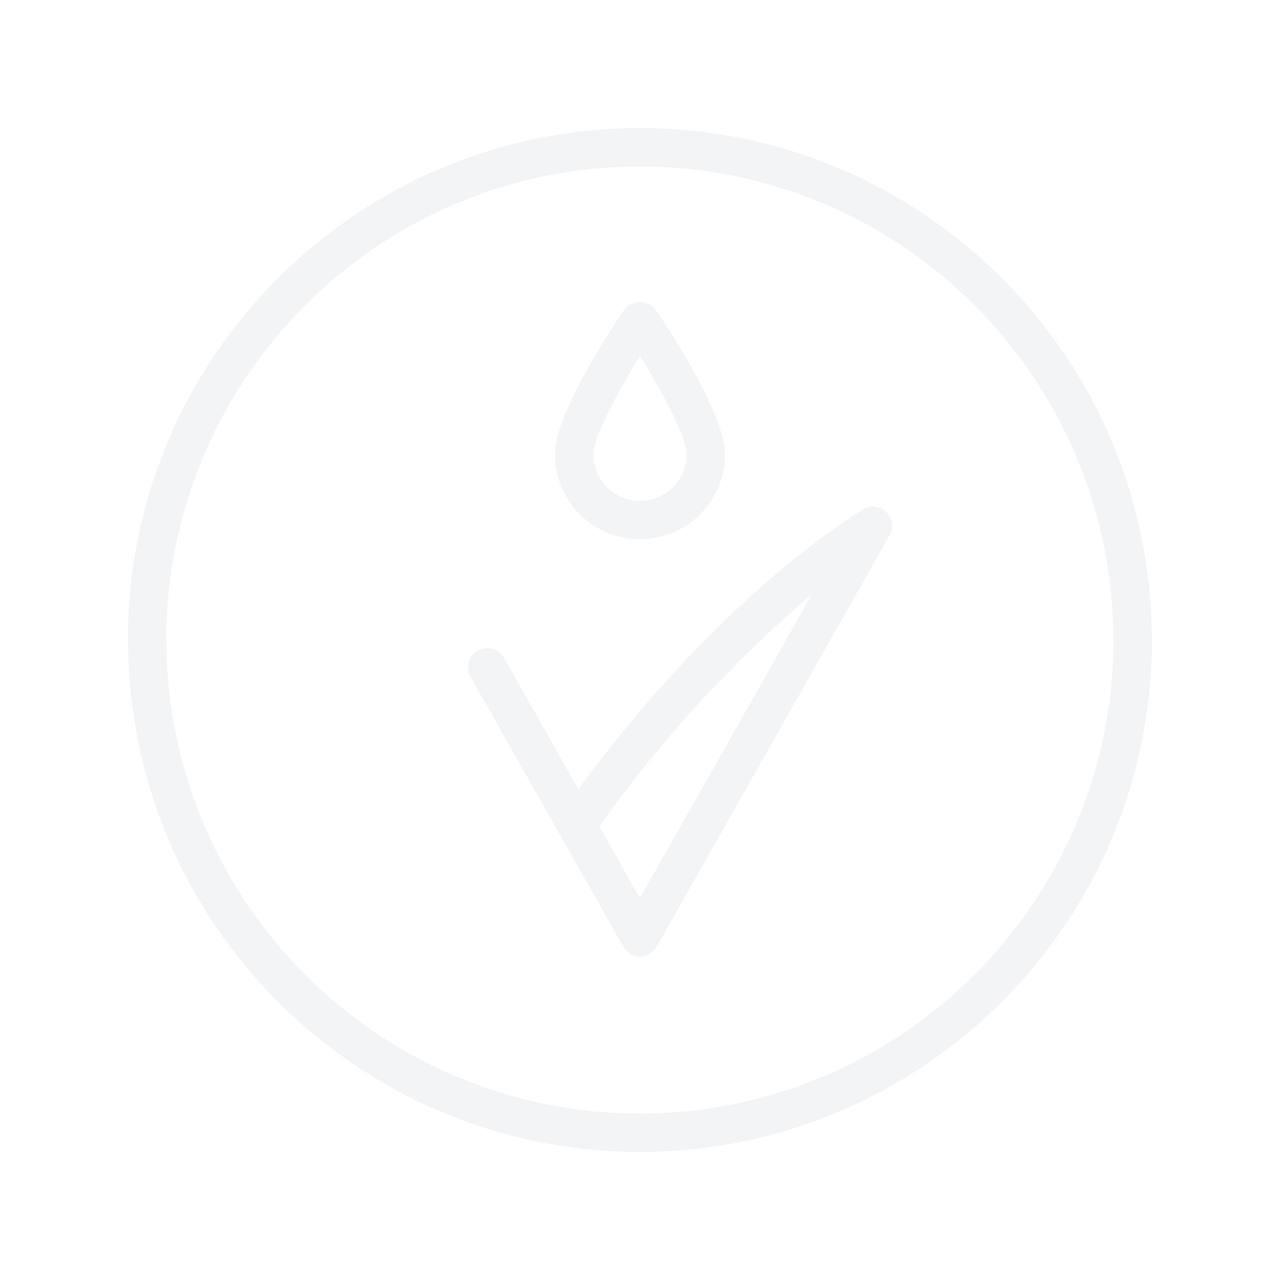 Macadamia Tervendav juukseõlisprei 60ml